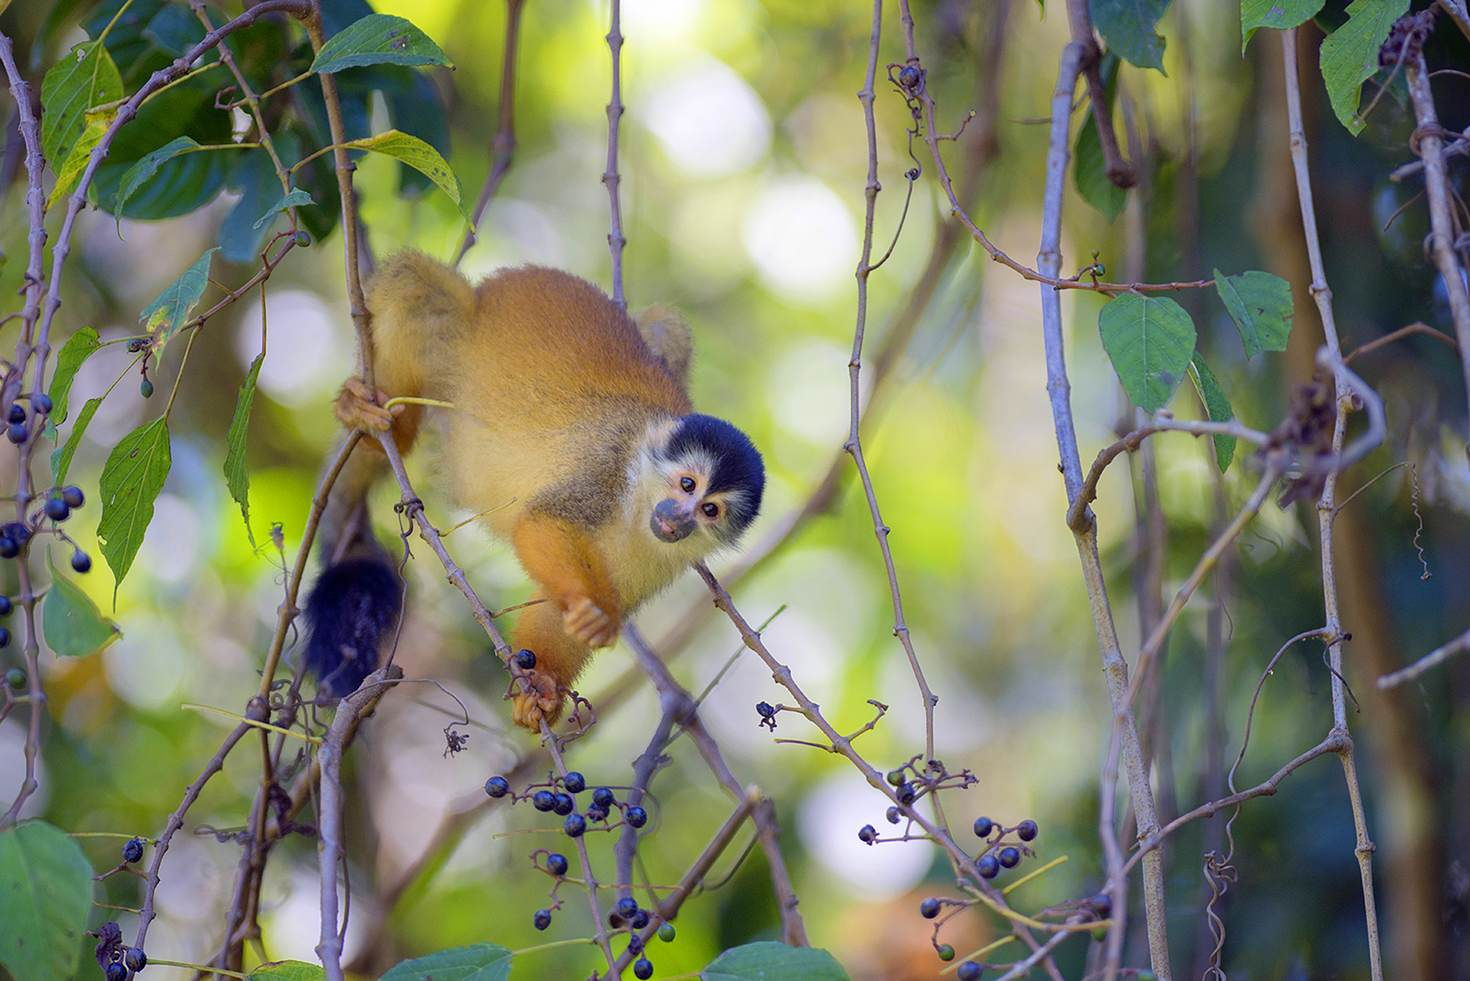 A squirrel monkey in Parque Nacional Corcovado © Sean Caffrey / Getty Images